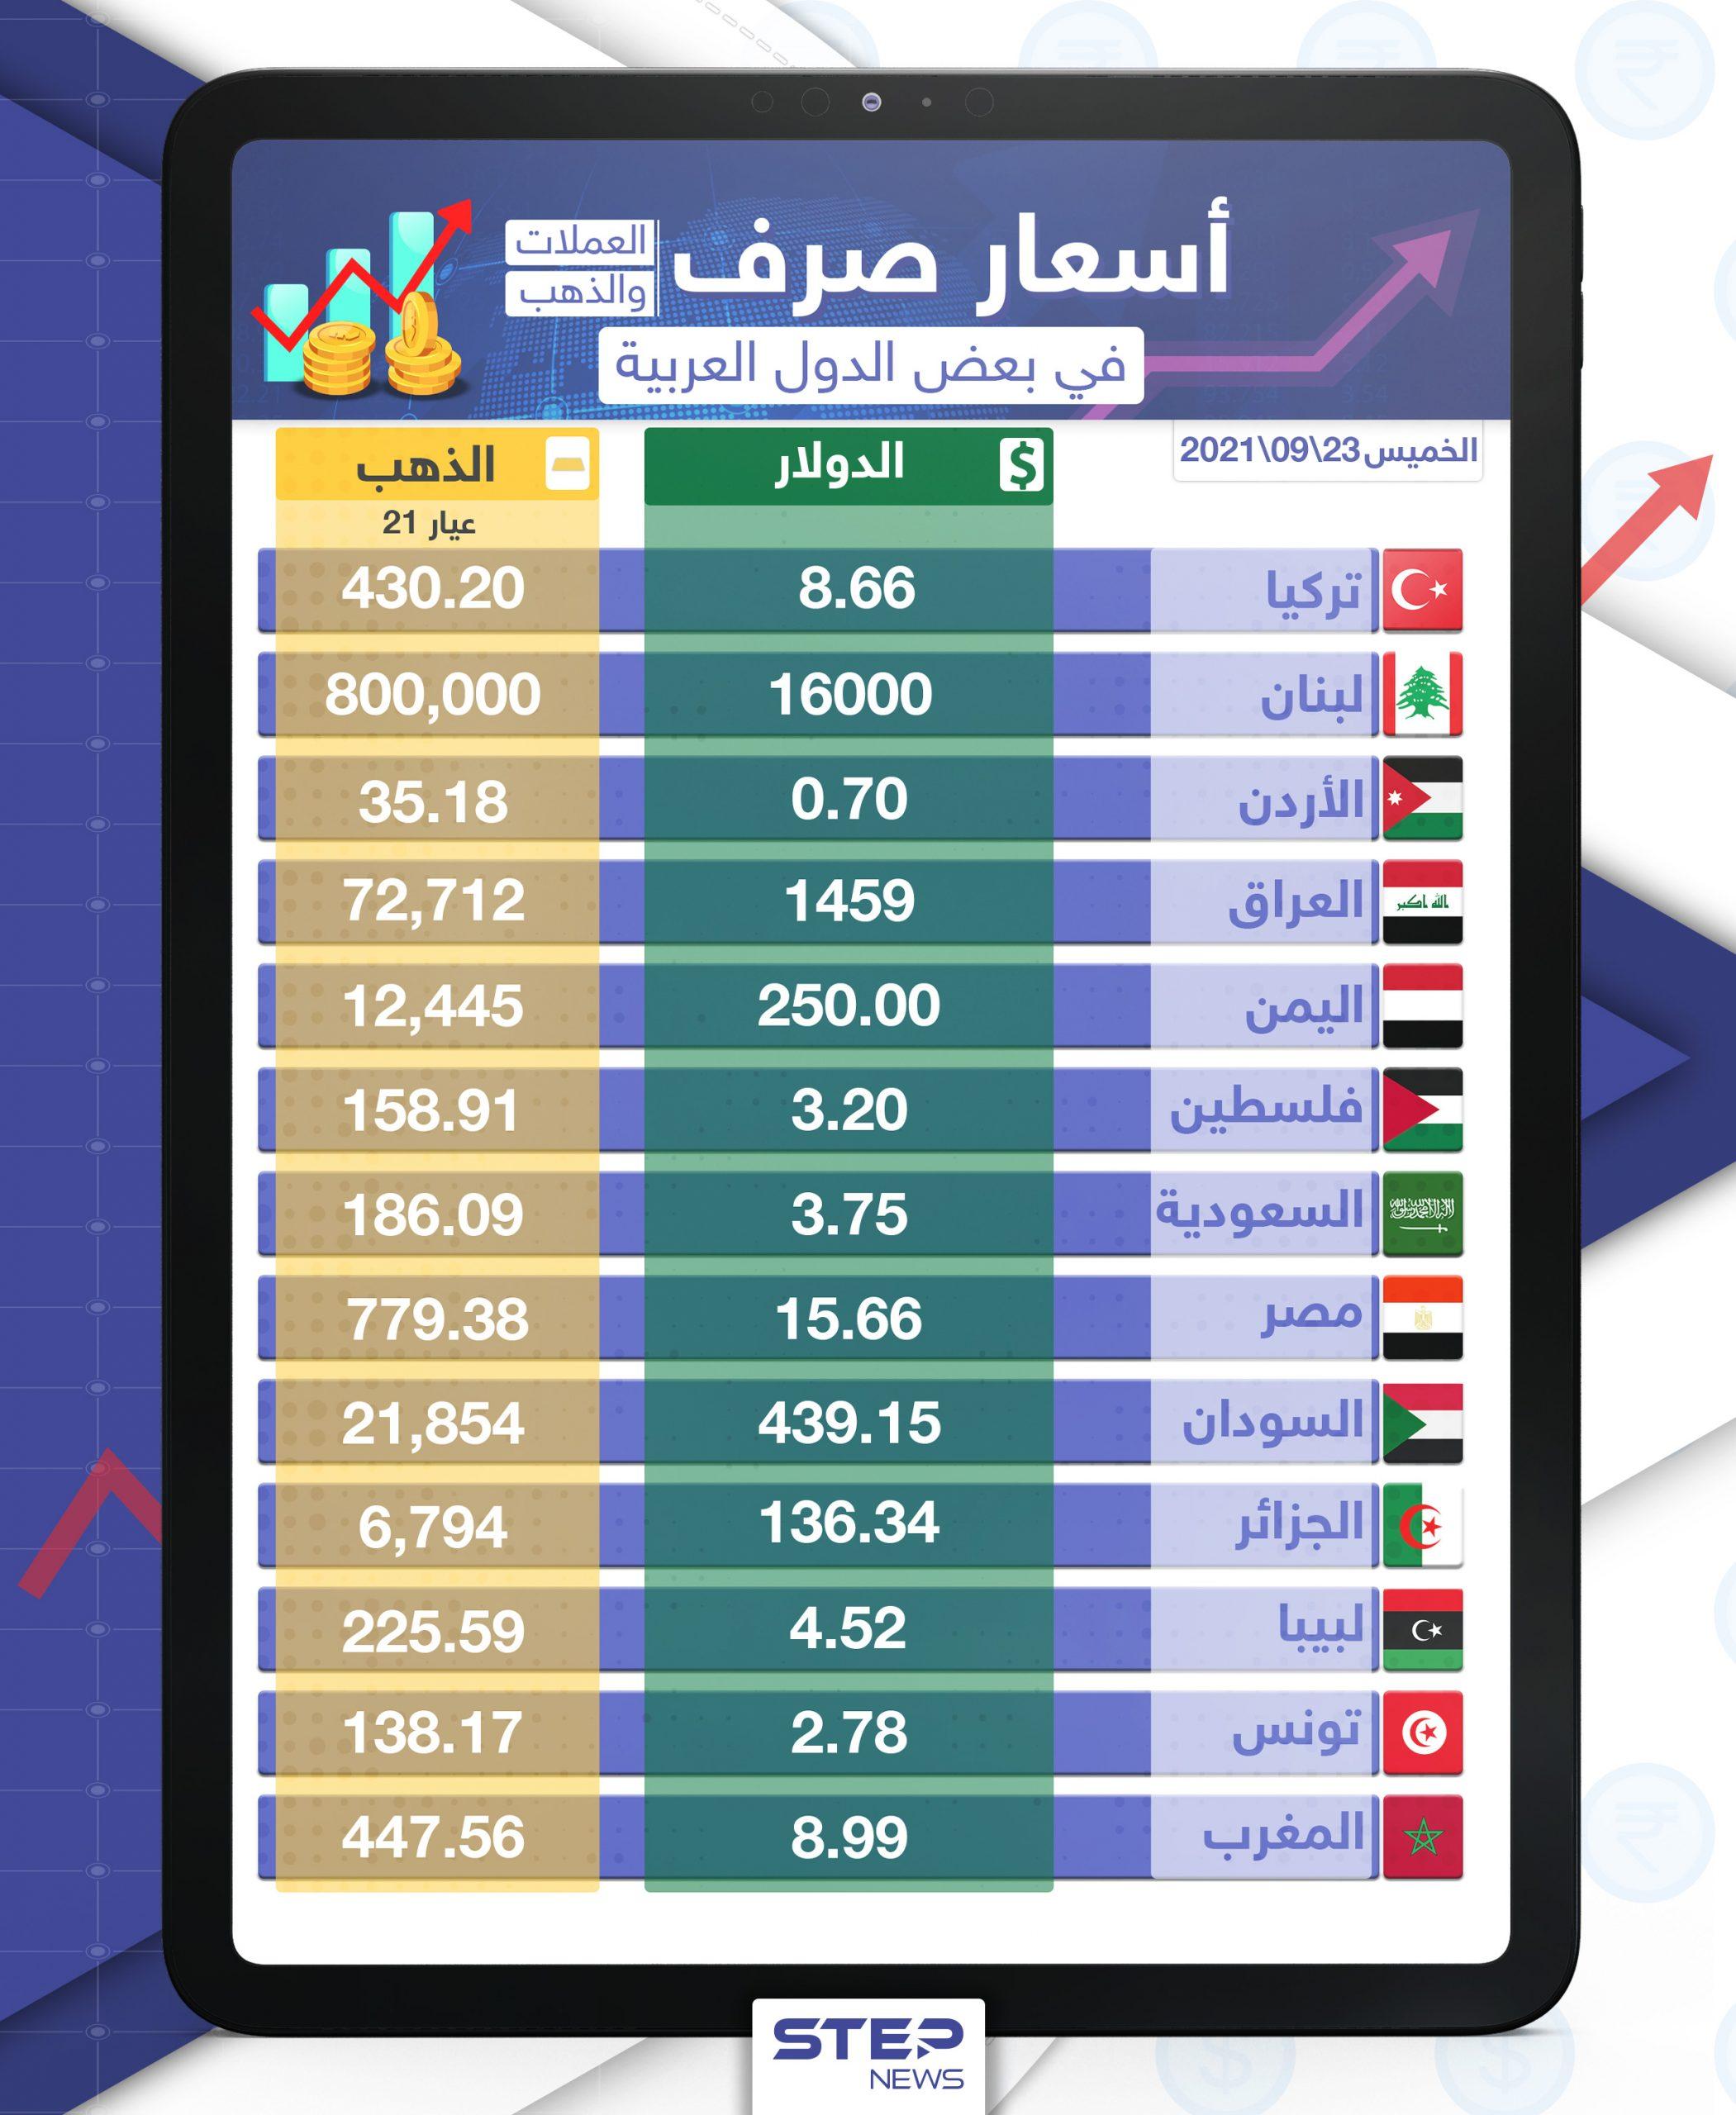 أسعار الذهب والعملات للدول العربية وتركيا اليوم الخميس الموافق 23 أيلول 2021